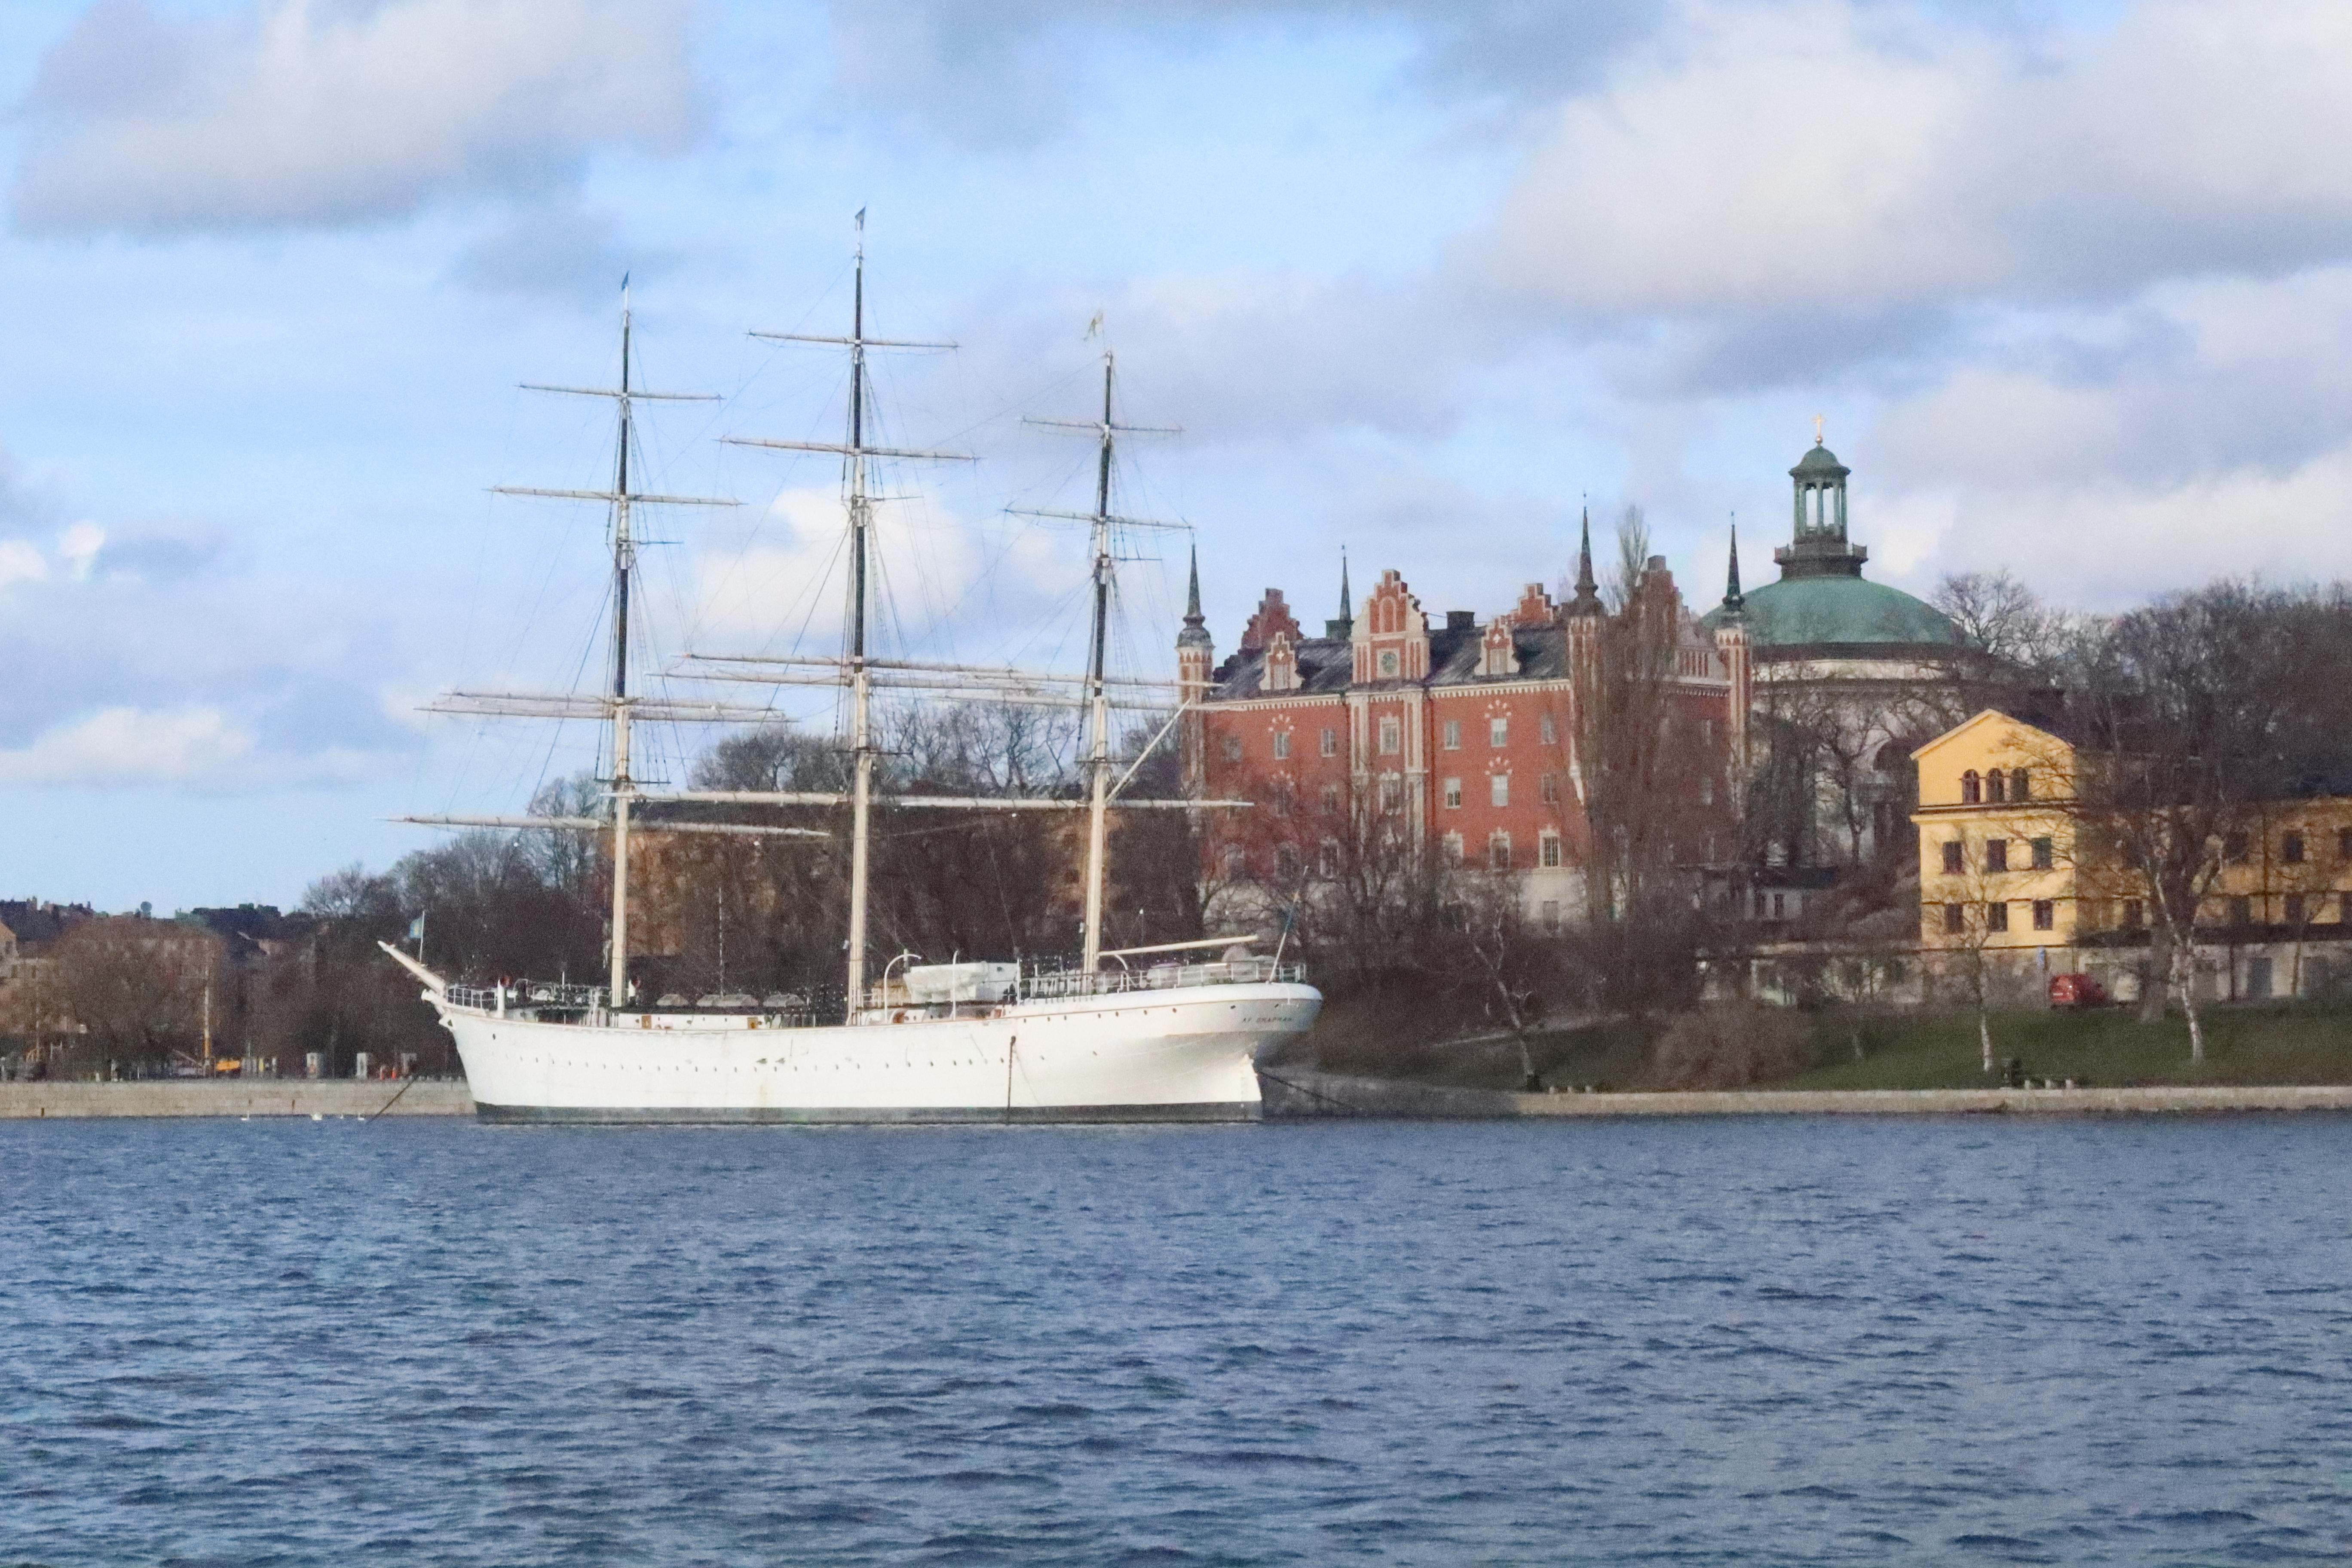 Ellen på Djurgården 2020-03-02 (3)